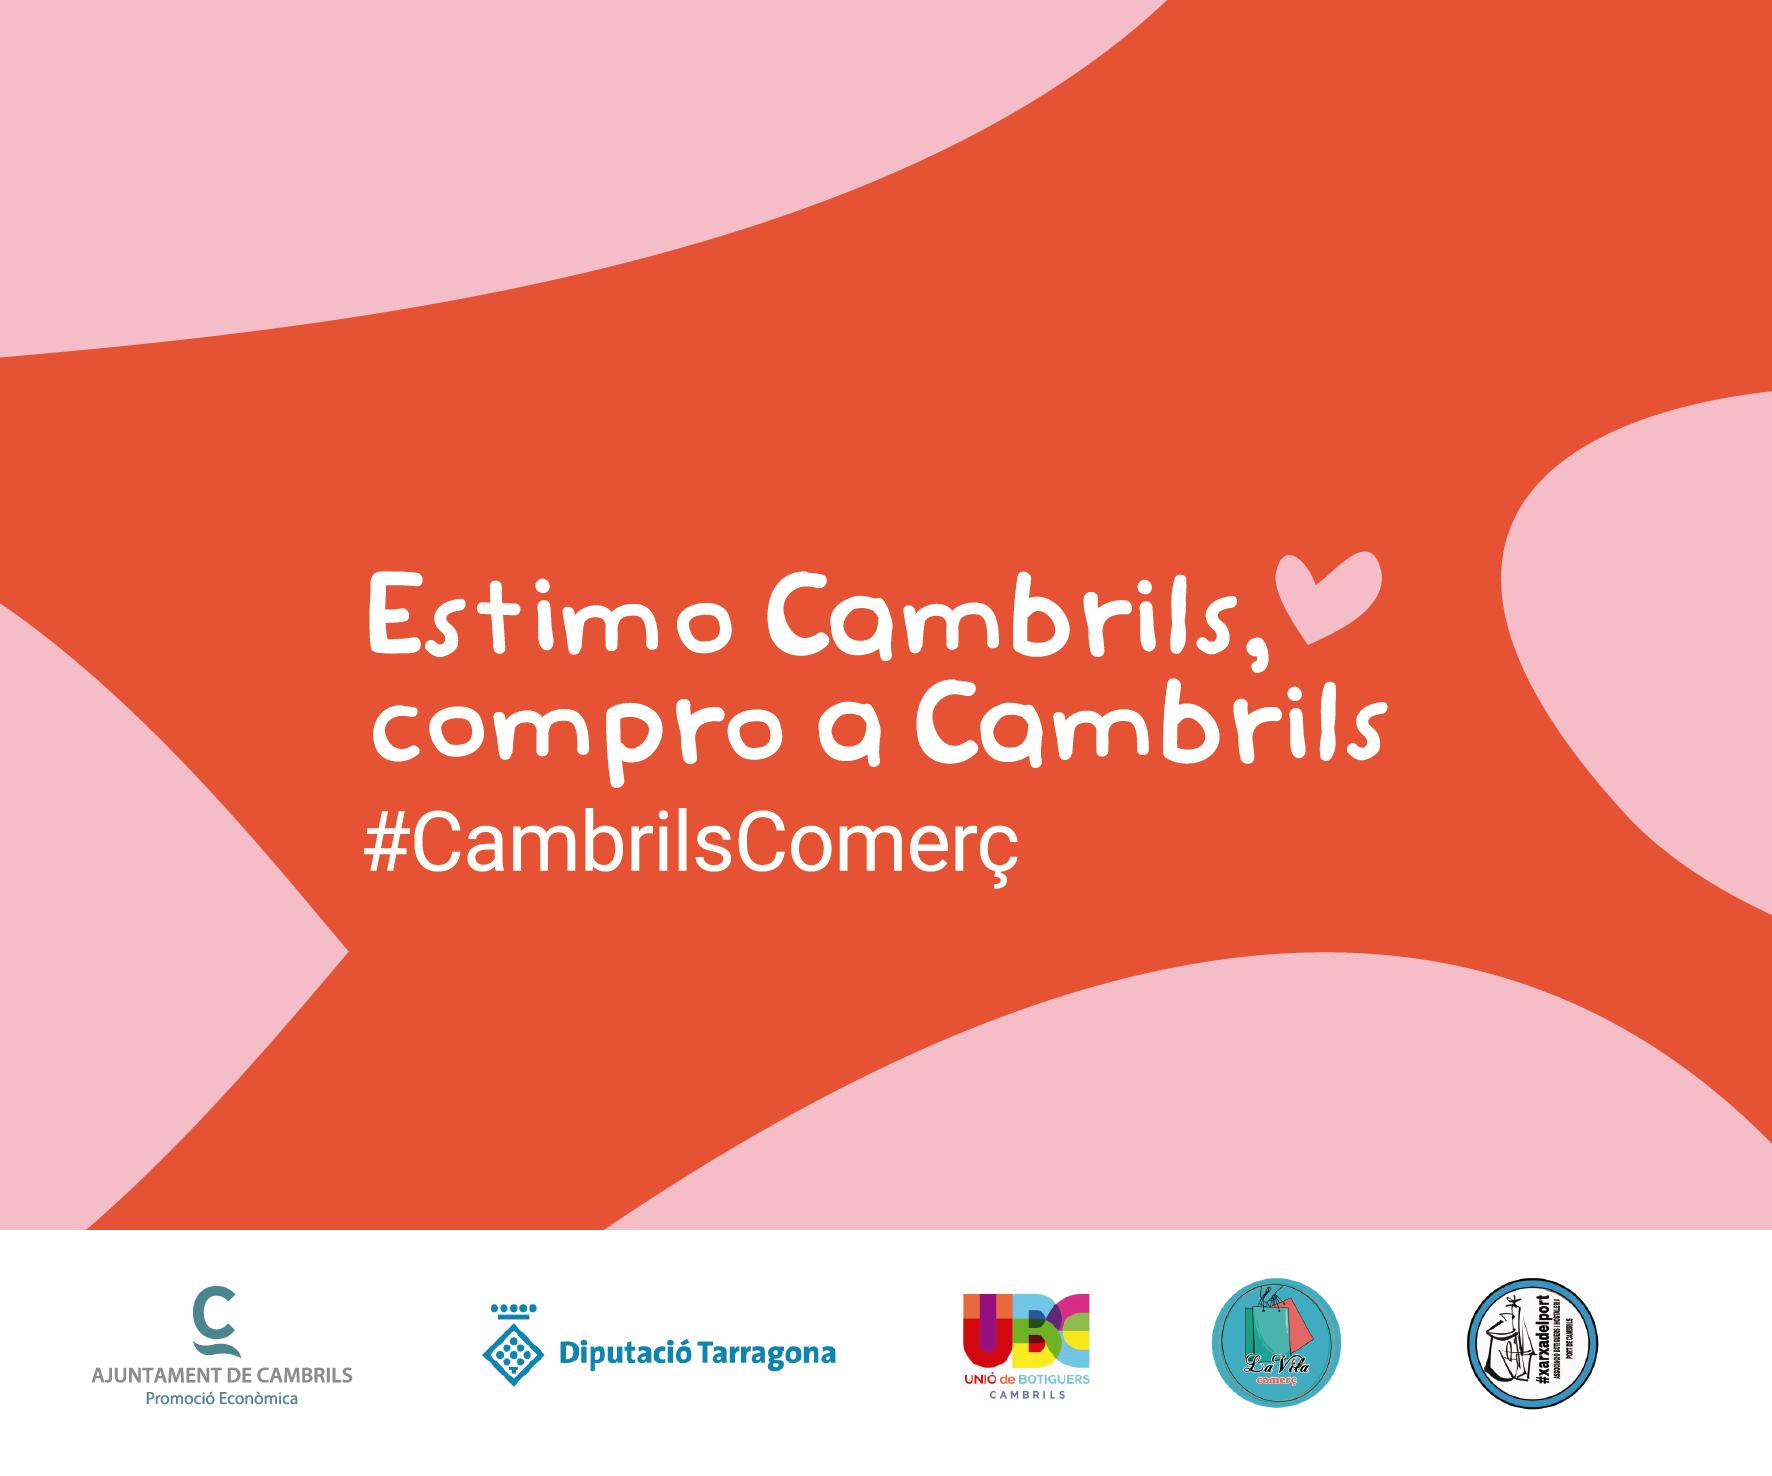 Estimo Cambrils – Ajuntament de Cambrils